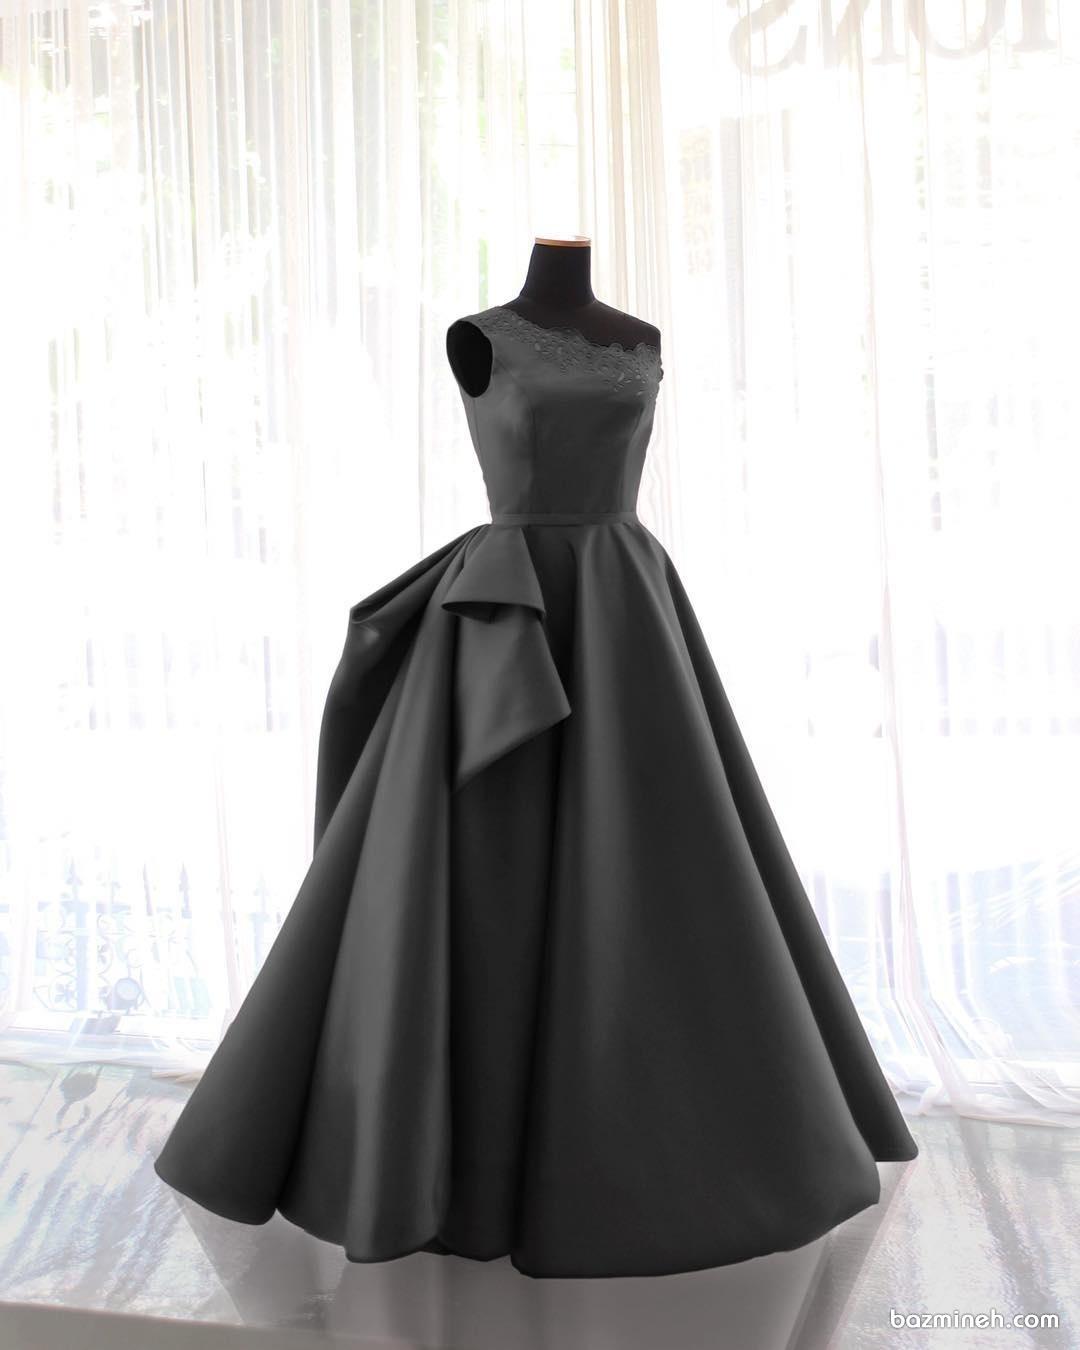 لباس مجلسی زنانه با دامن پفی مناسب برای جشن نامزدی